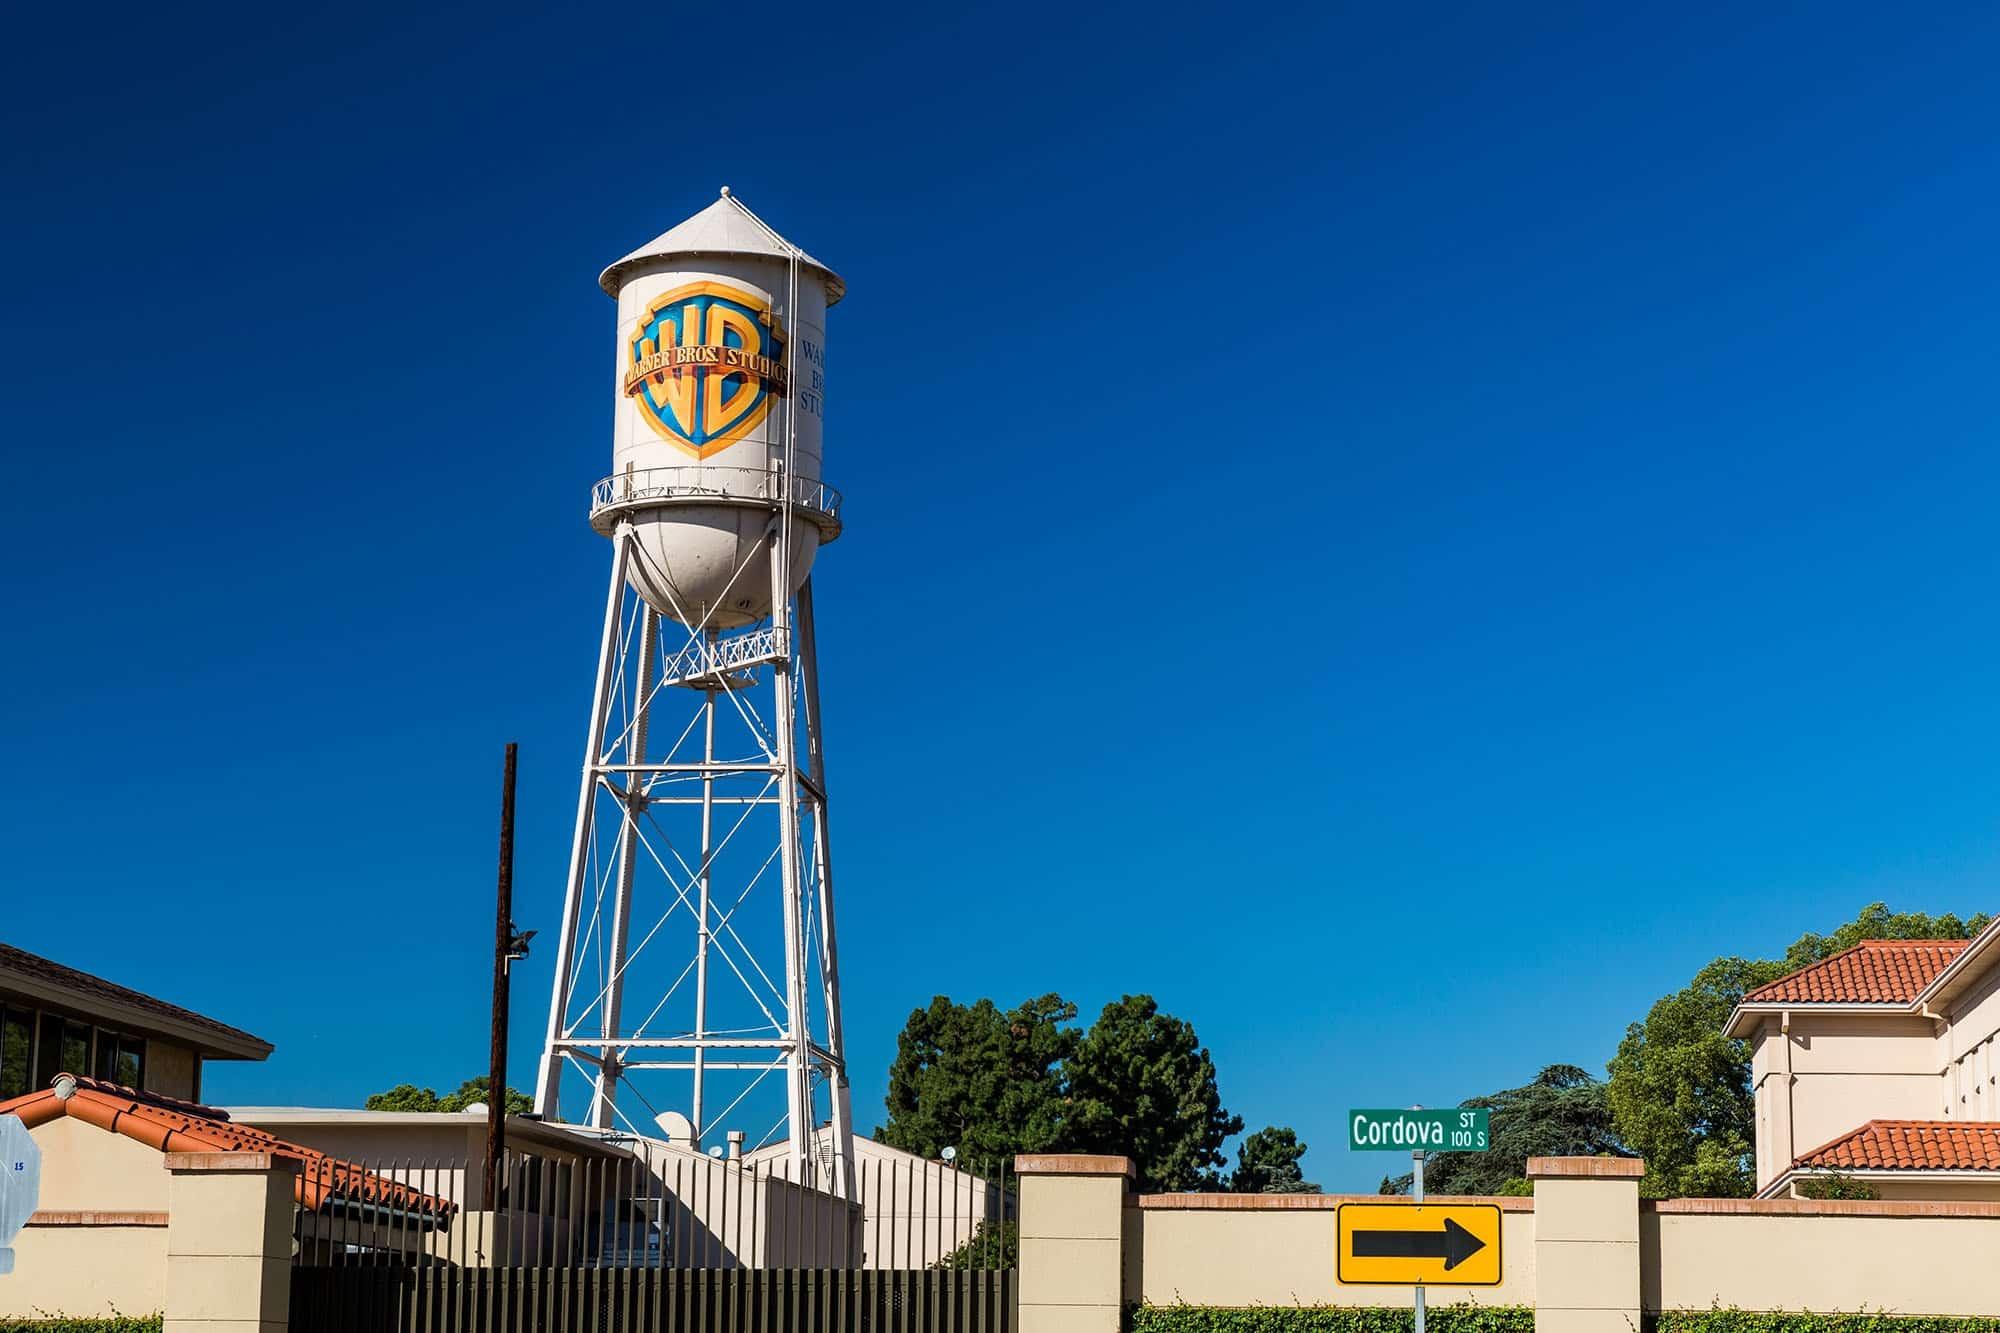 Visiter Los Angeles en 5 ou 6 jours - Warners Bros Studios